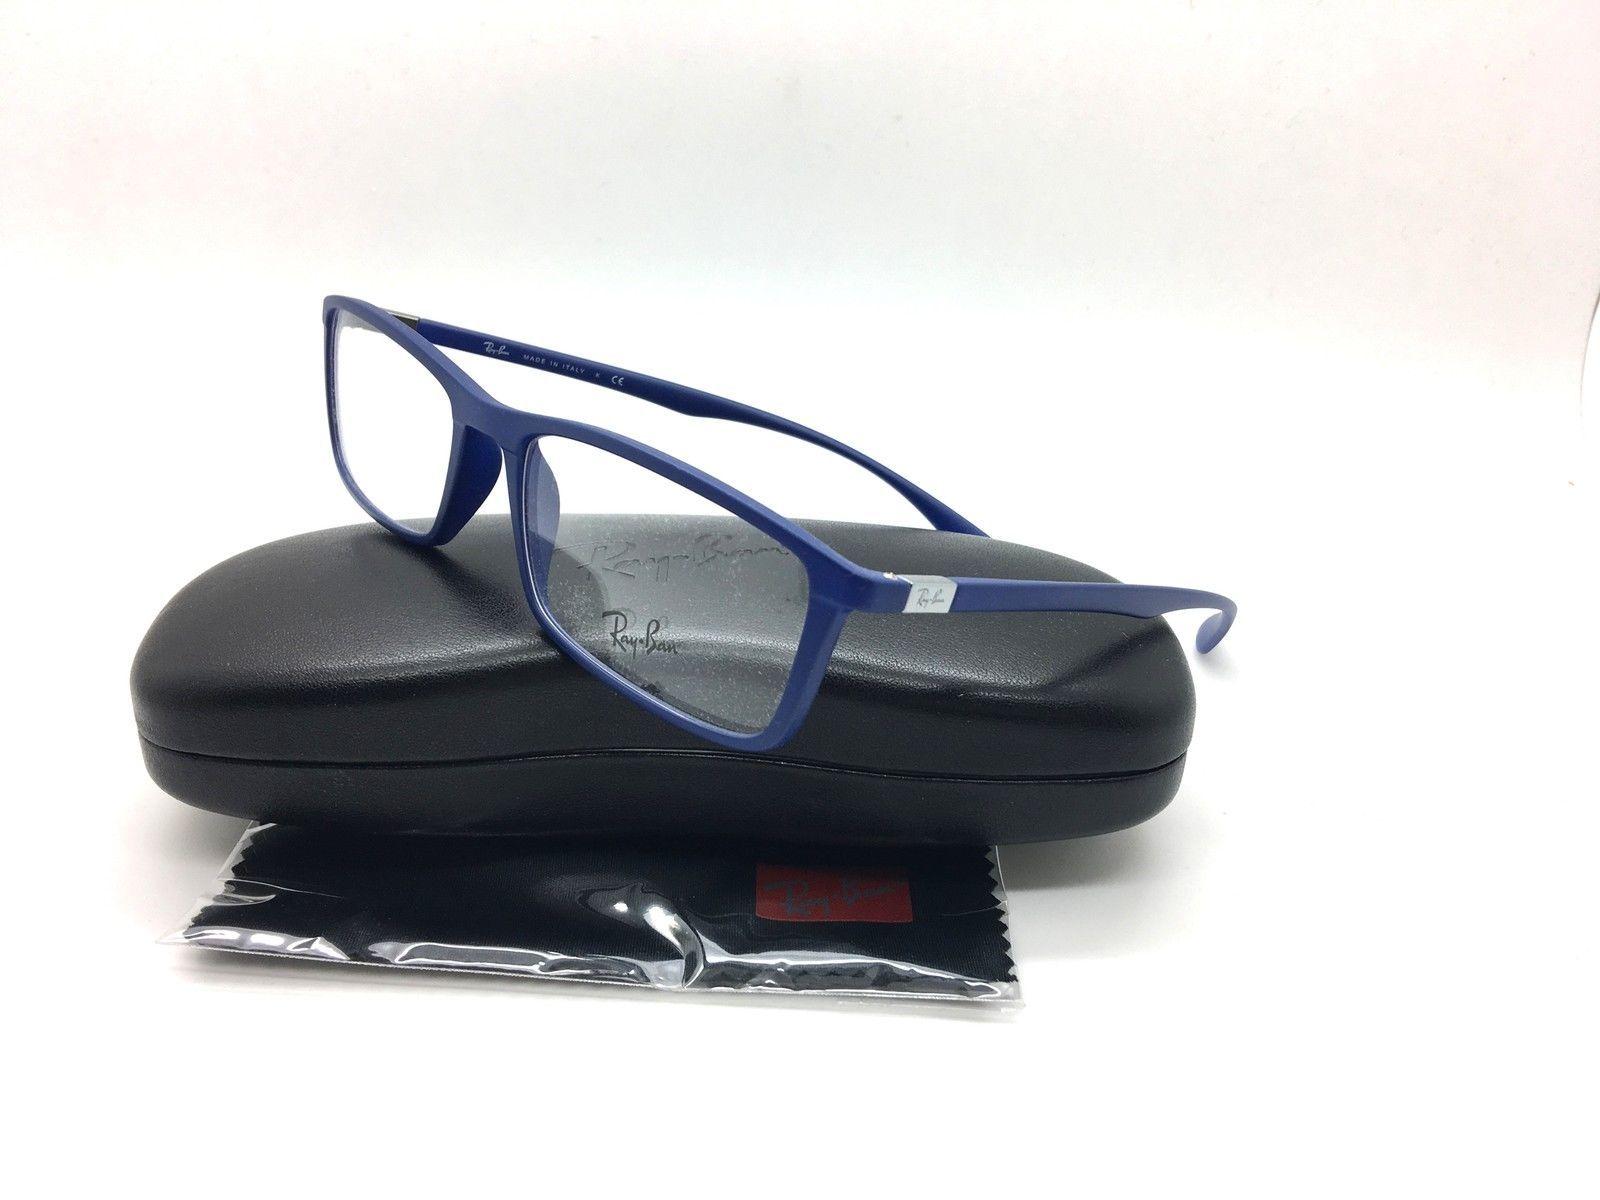 92fa0428d1f Ray-Ban RB 7048 5439 Royal Blue New and 50 similar items. 57